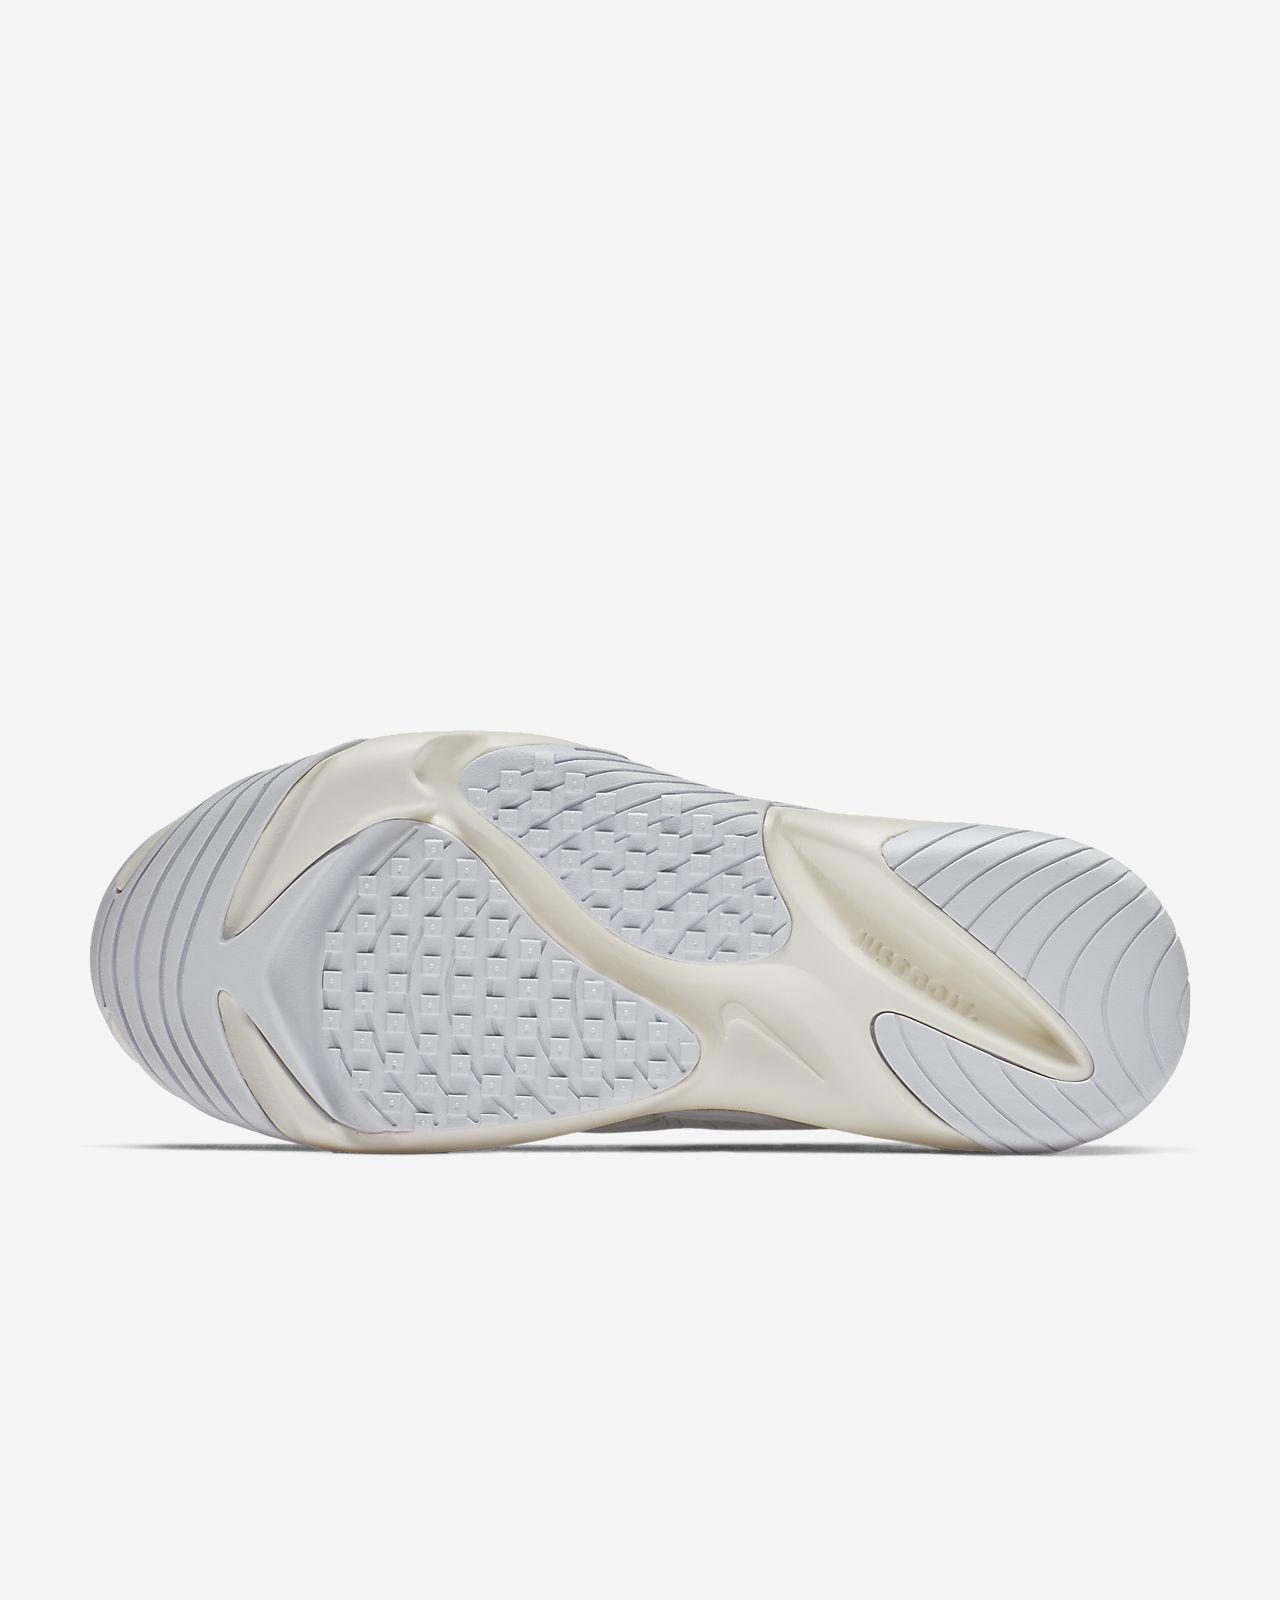 91e069f7f1d4e Nike Zoom 2K Women s Shoe. Nike.com